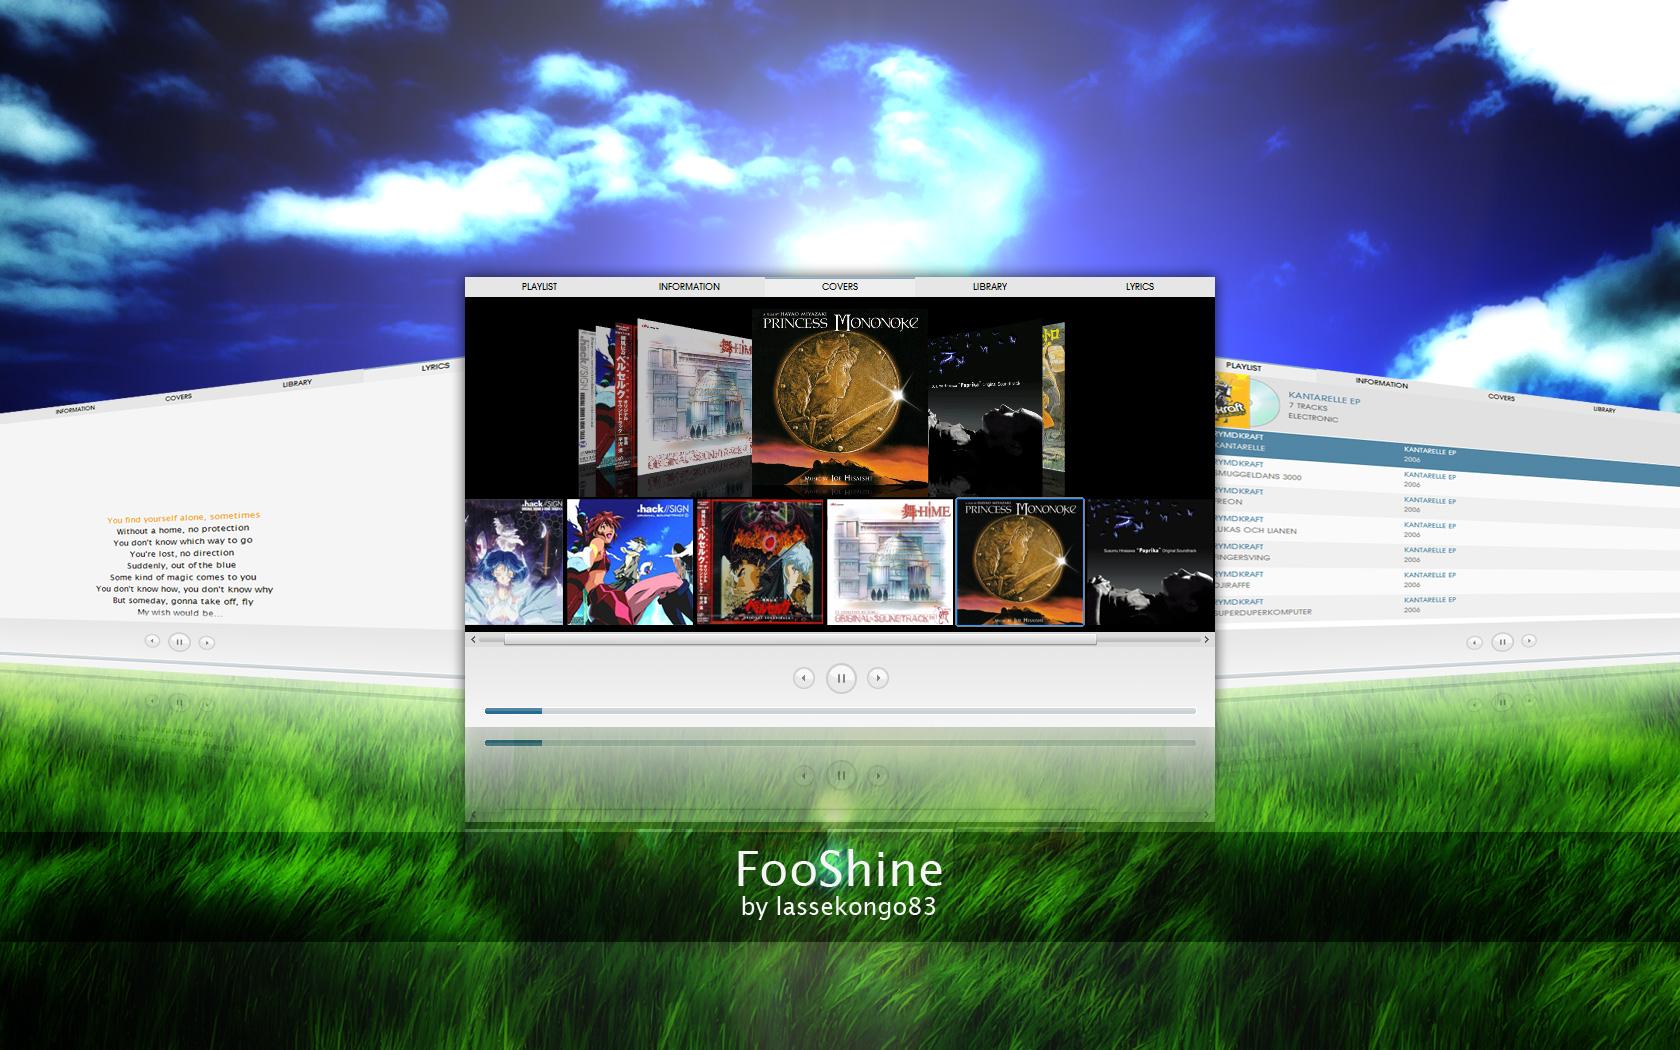 fooShine